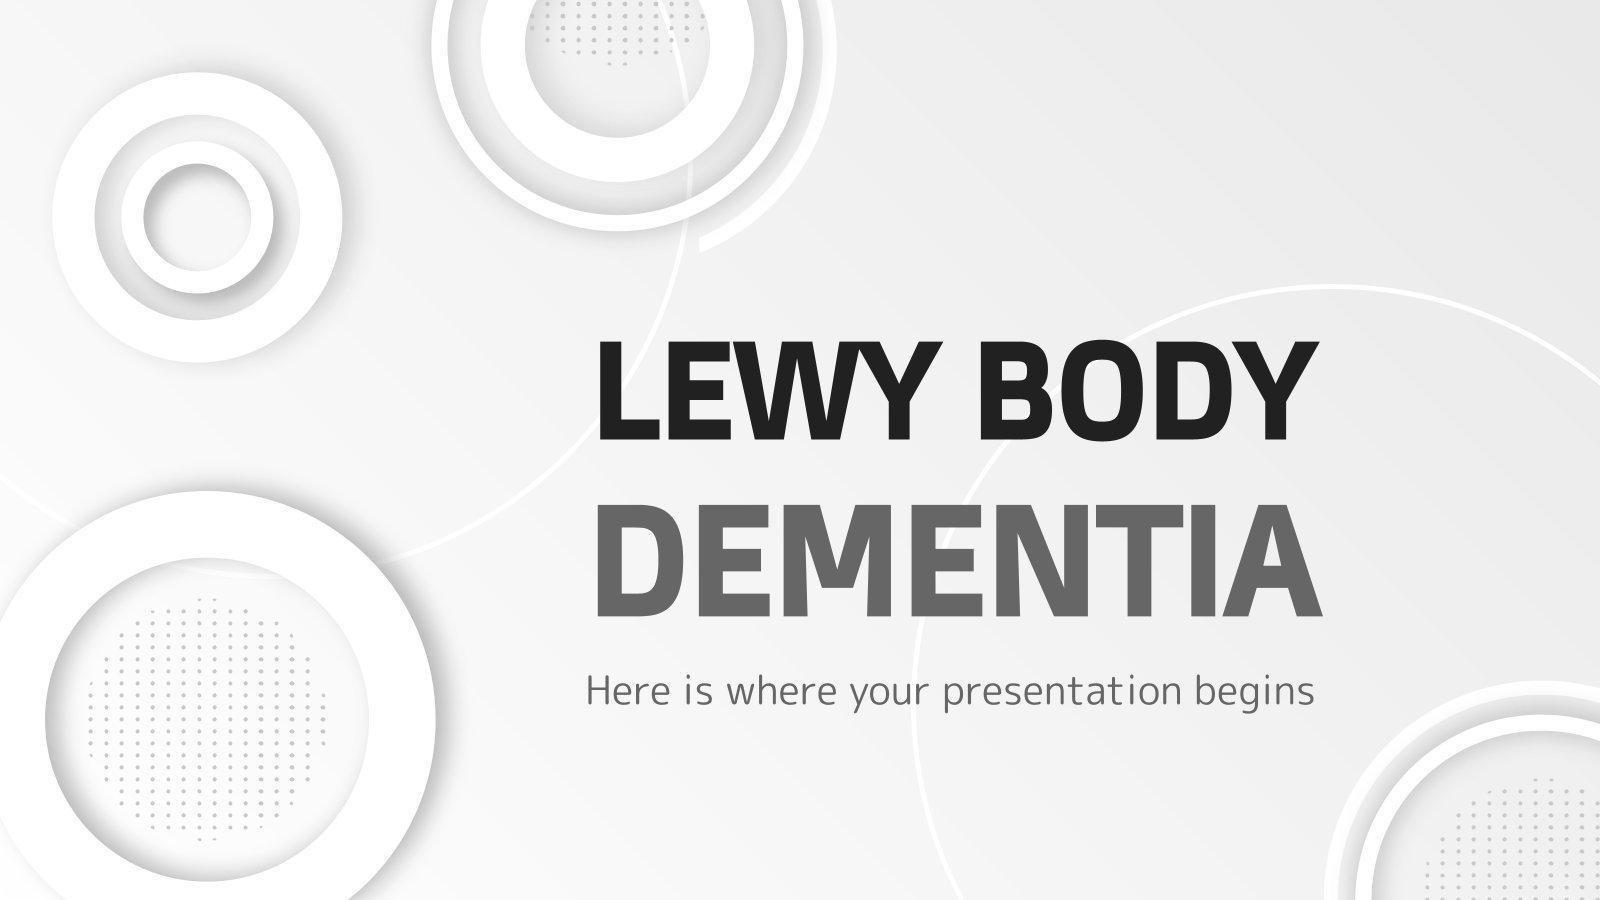 Lewy Body Dementia presentation template